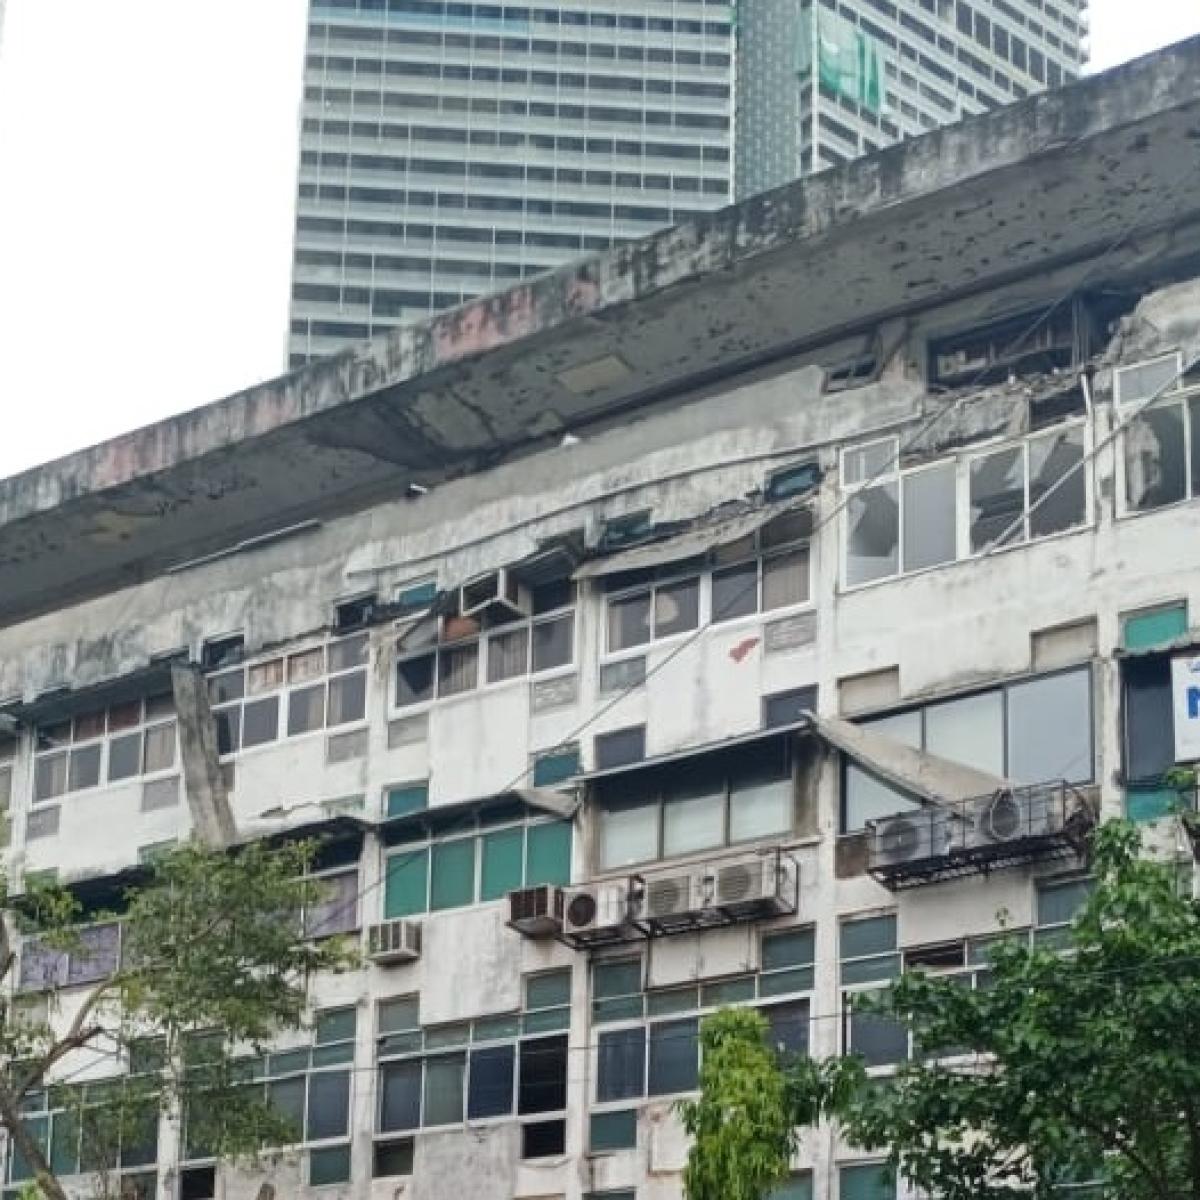 Mumbai: Cylinder blast at Old Passport Office in Worli